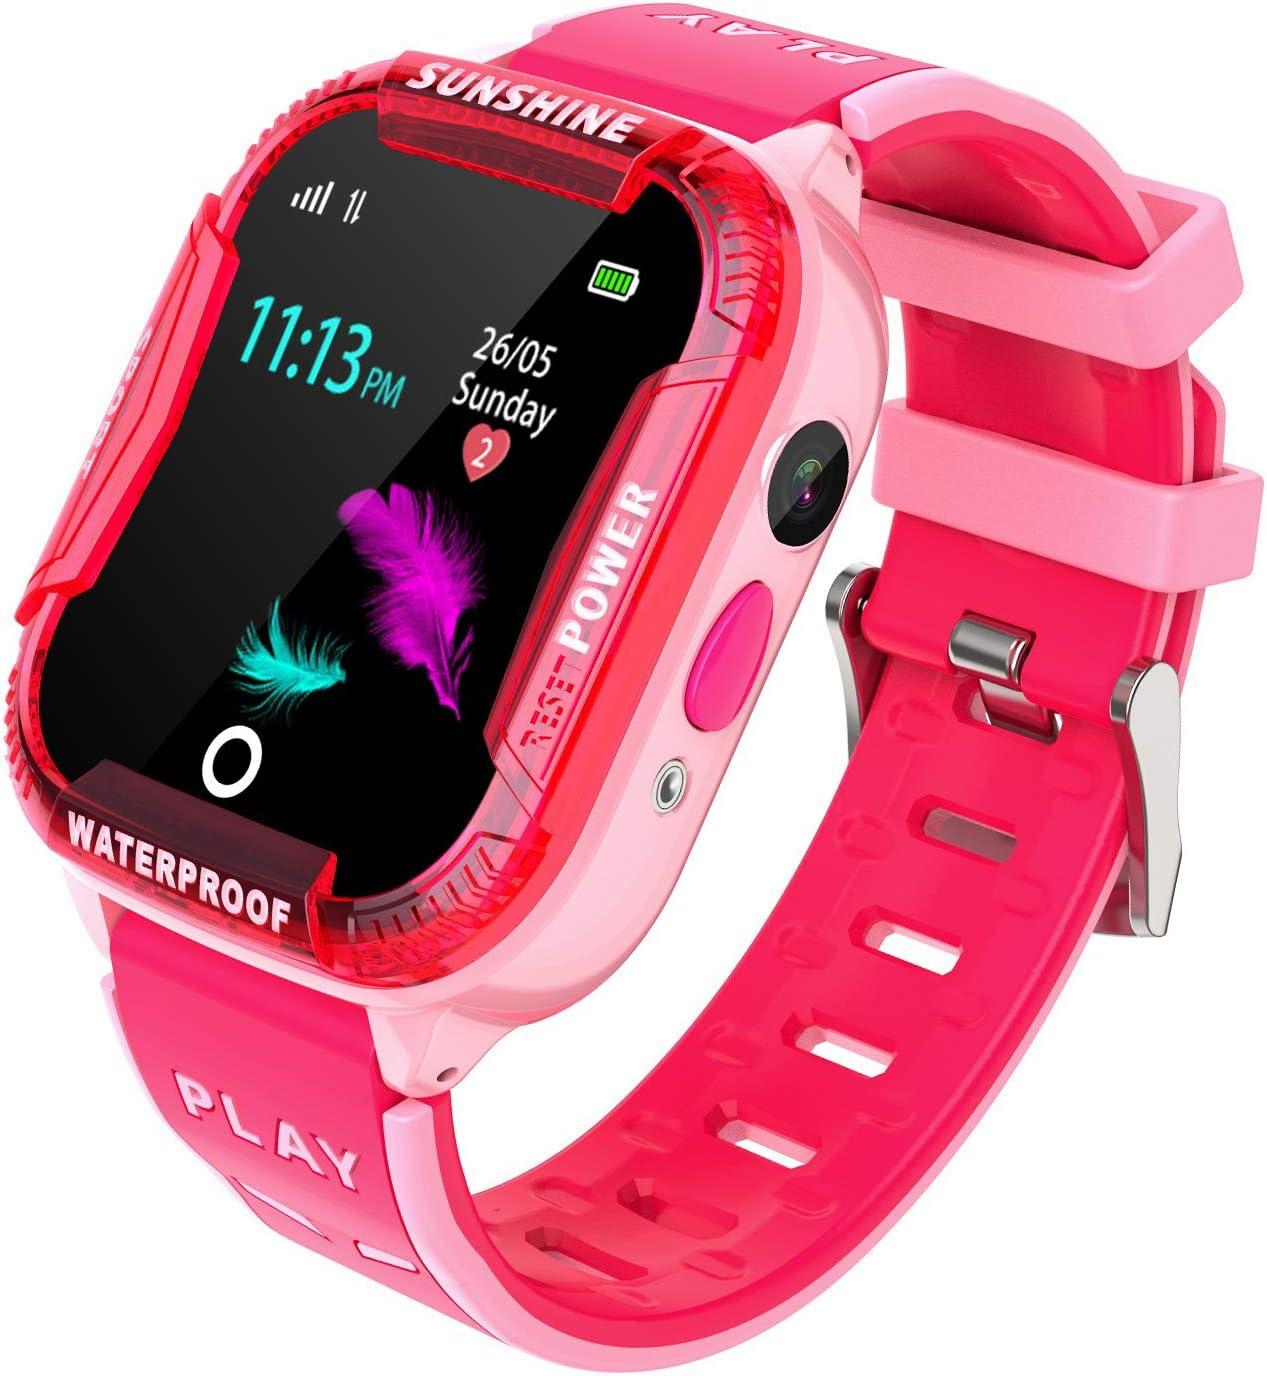 PTHTECHUS Reloj Inteligente Niña WiFi - Smartwatch Niños Reloj Niños Localizador, Reloj Inteligente Niño Niña Regalo, Reloj Niño con Llamada Telefónica SOS Juegos Despertador Tracker Podómetro